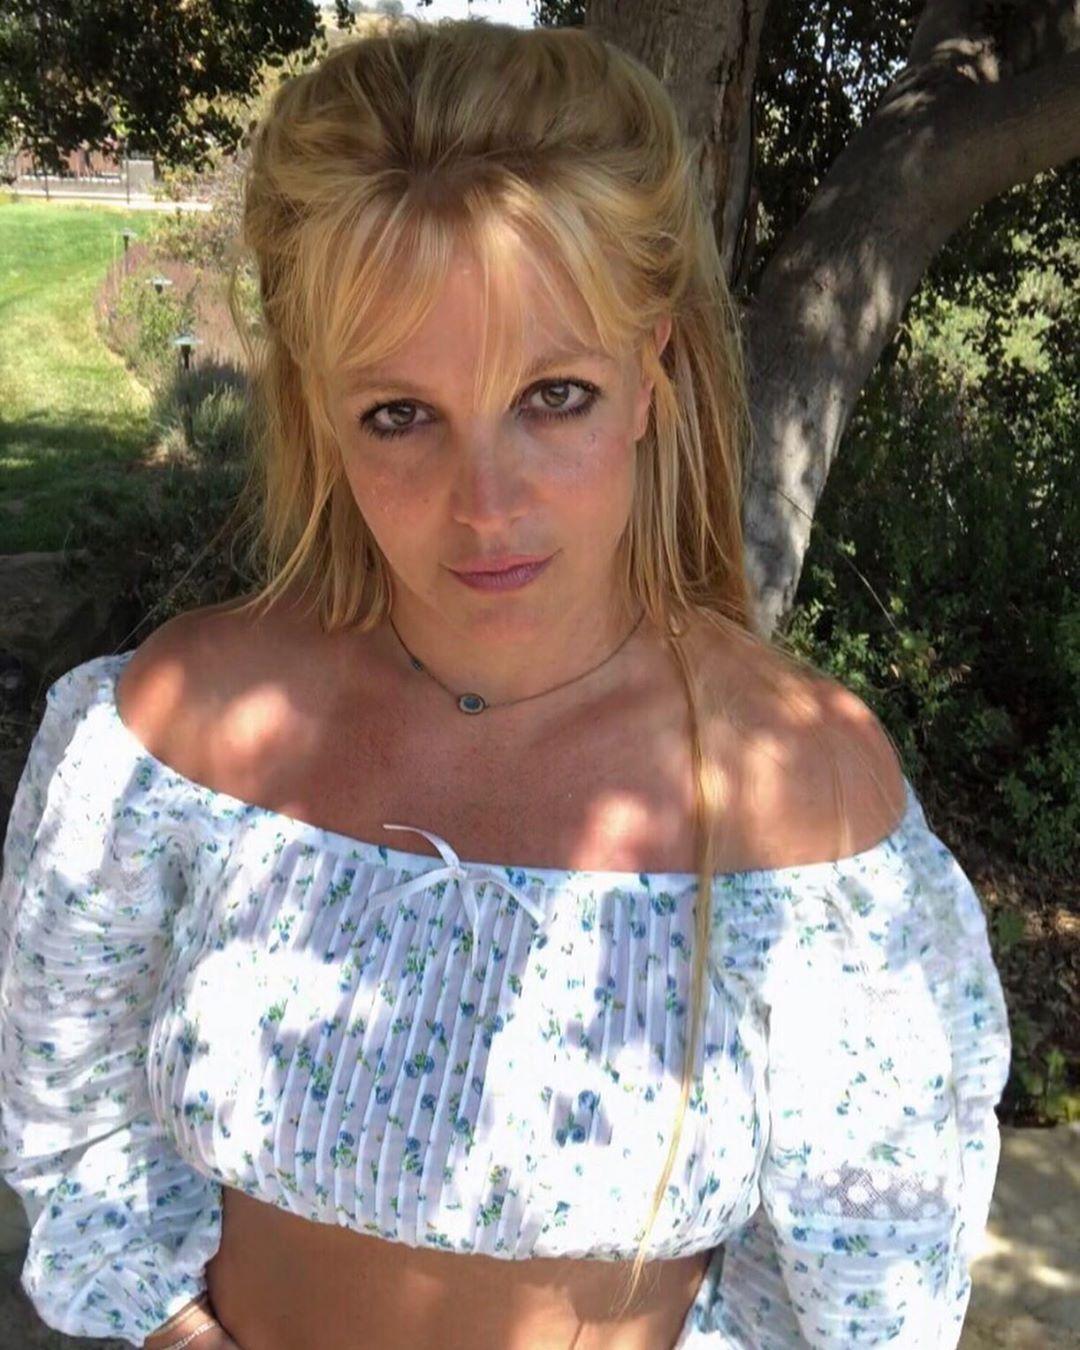 La hermana de Britney Spears se convirtió en su nueva tutora